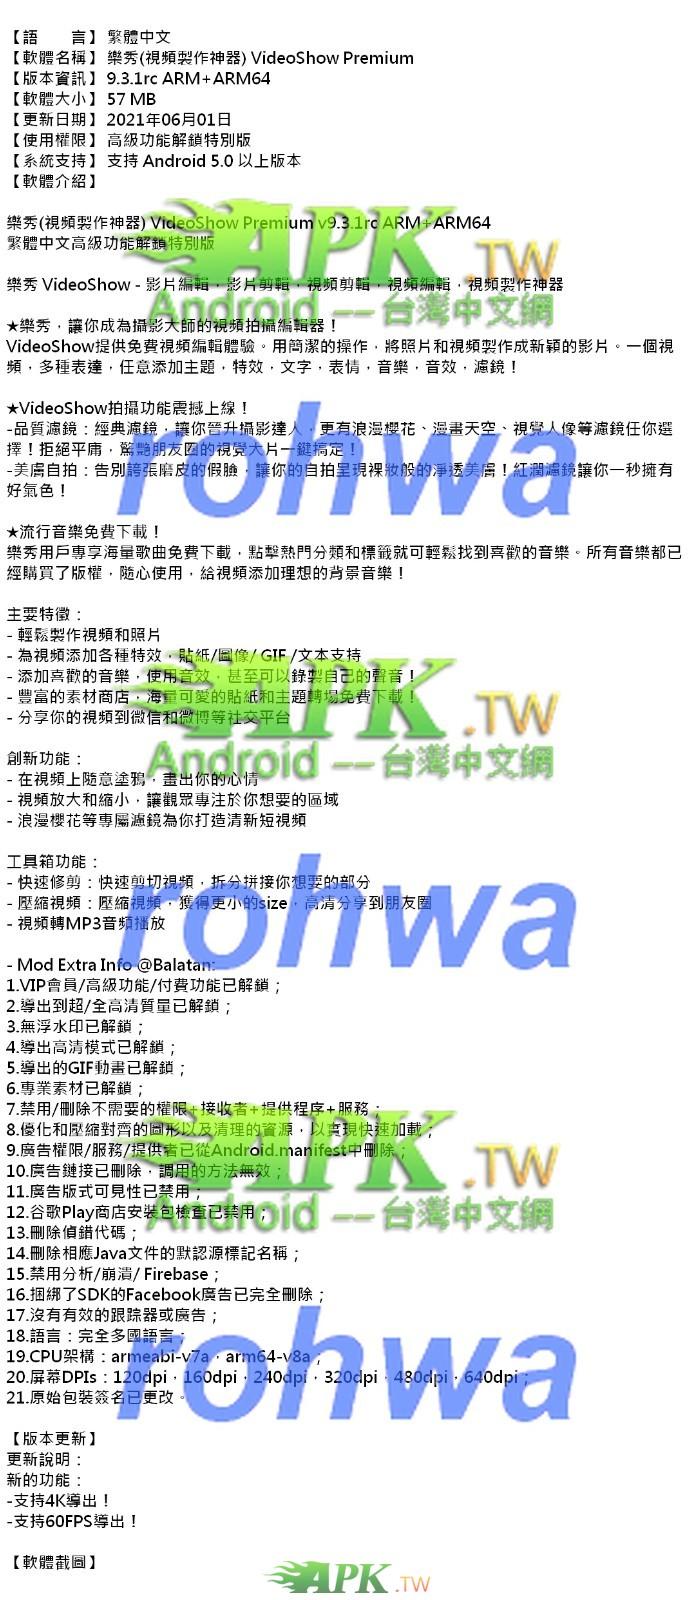 VideoShow_Premium_9.3.1rc_.jpg